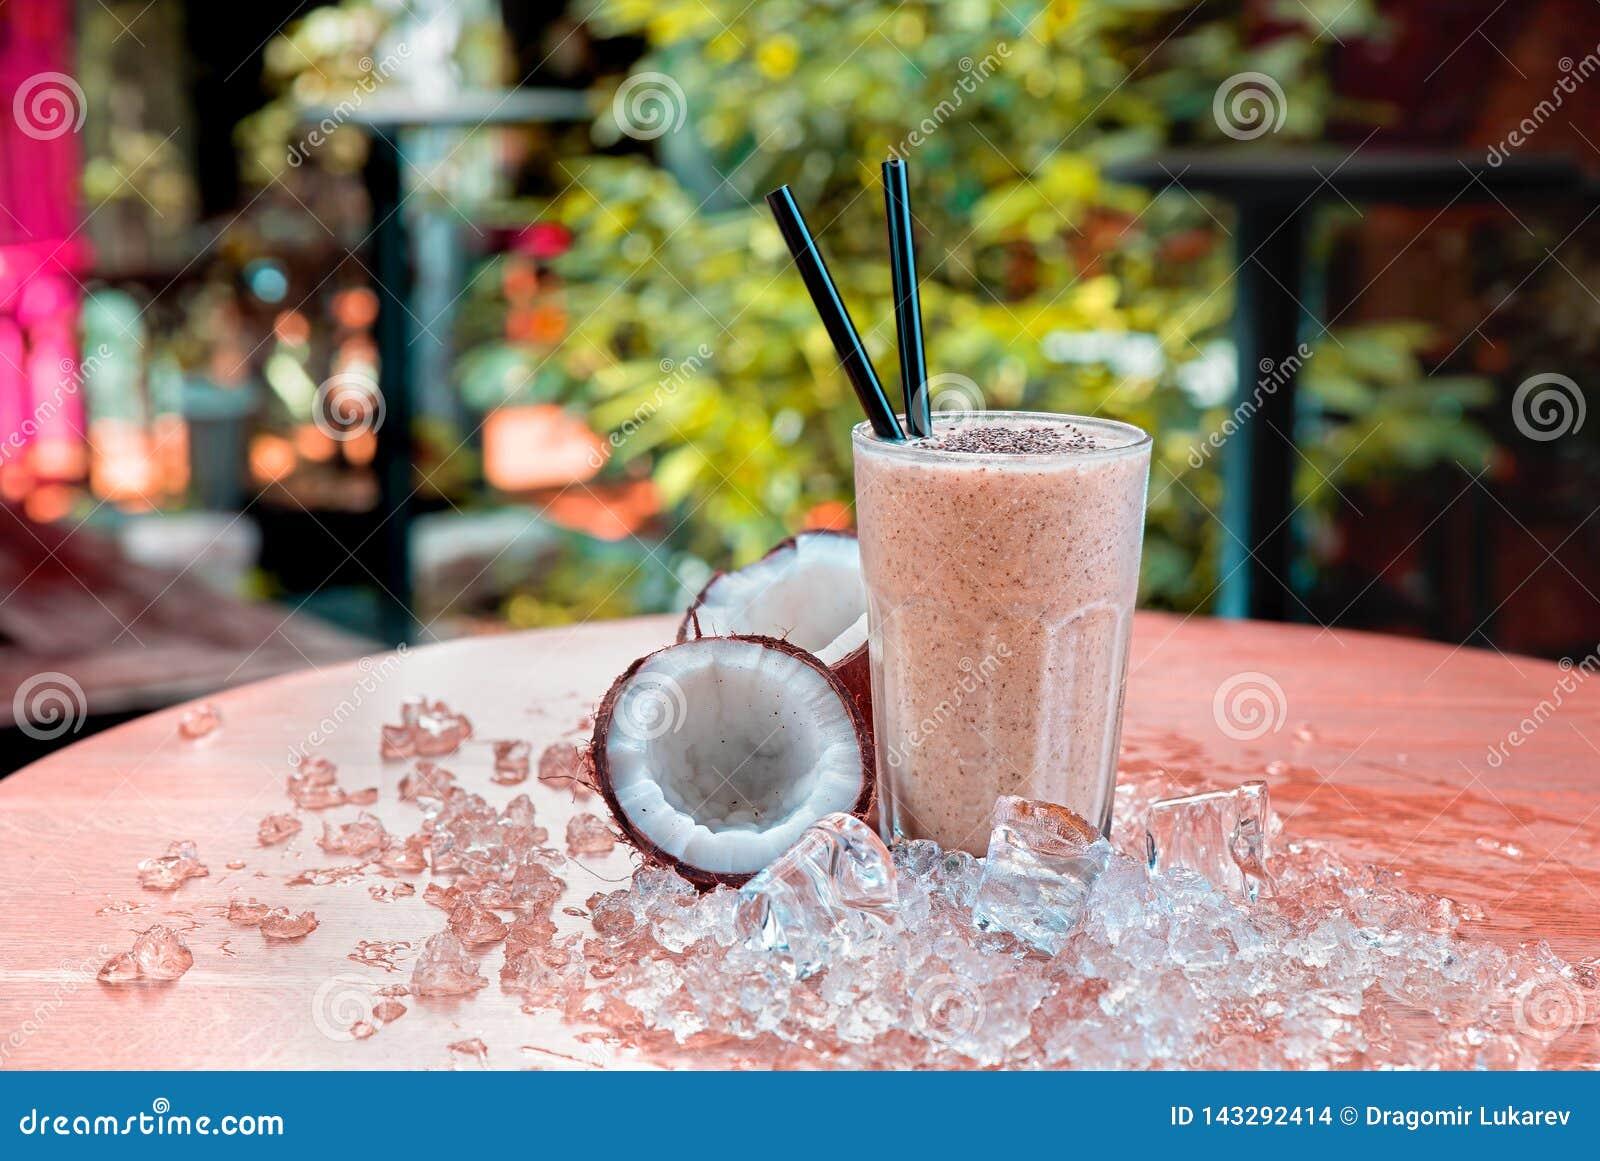 Agitação de chocolate caseiro com as sementes do coco e do chia